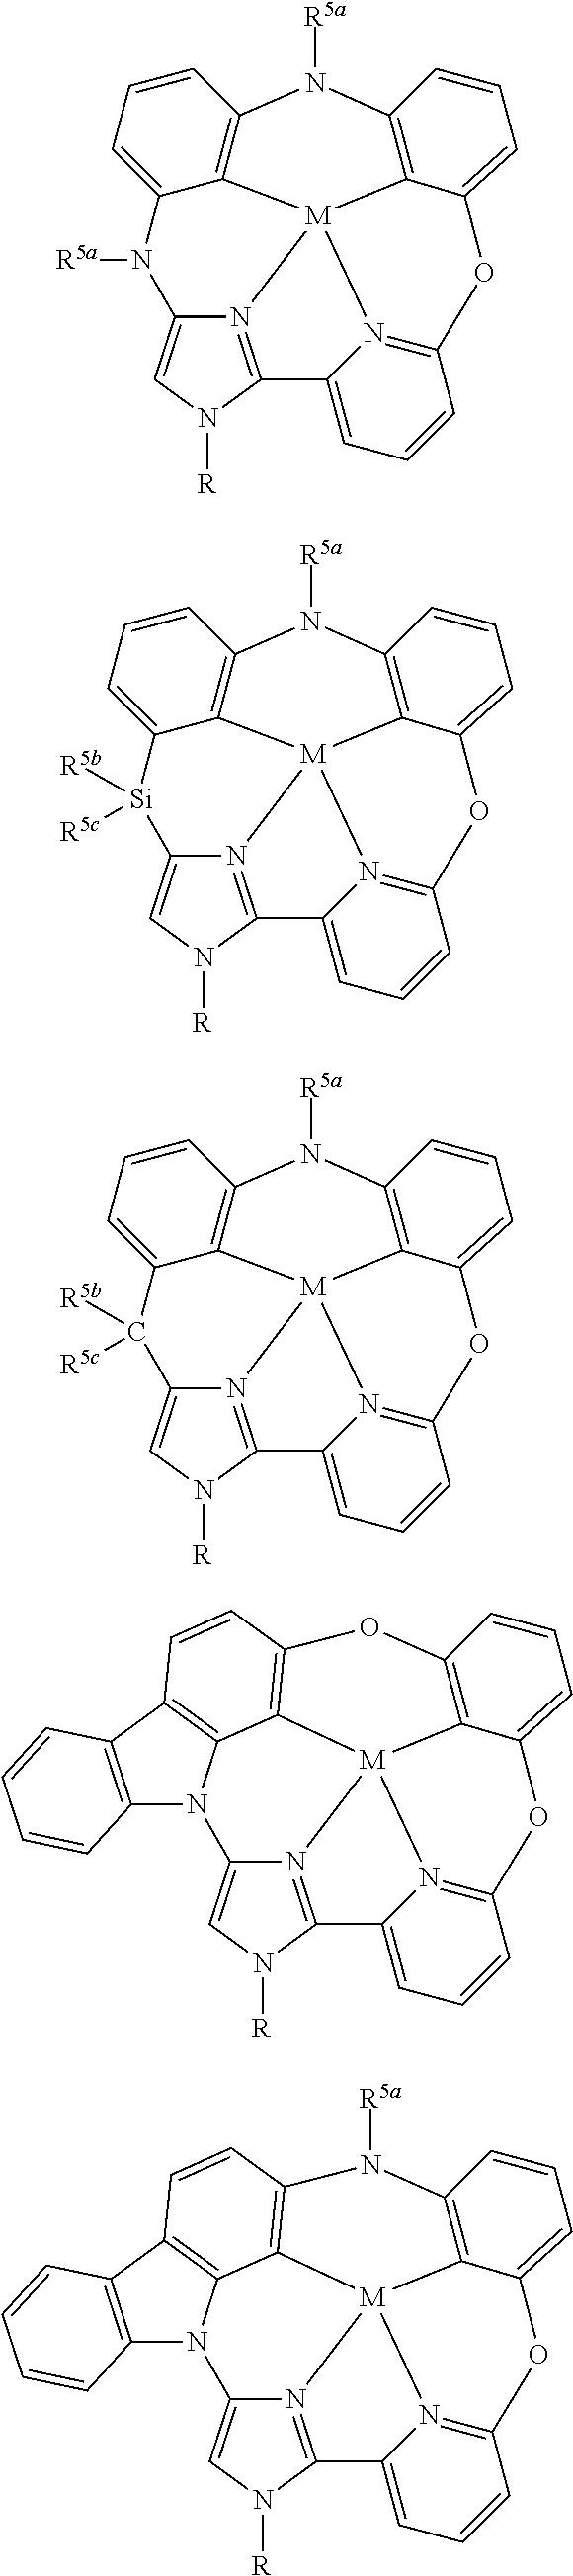 Figure US10158091-20181218-C00298